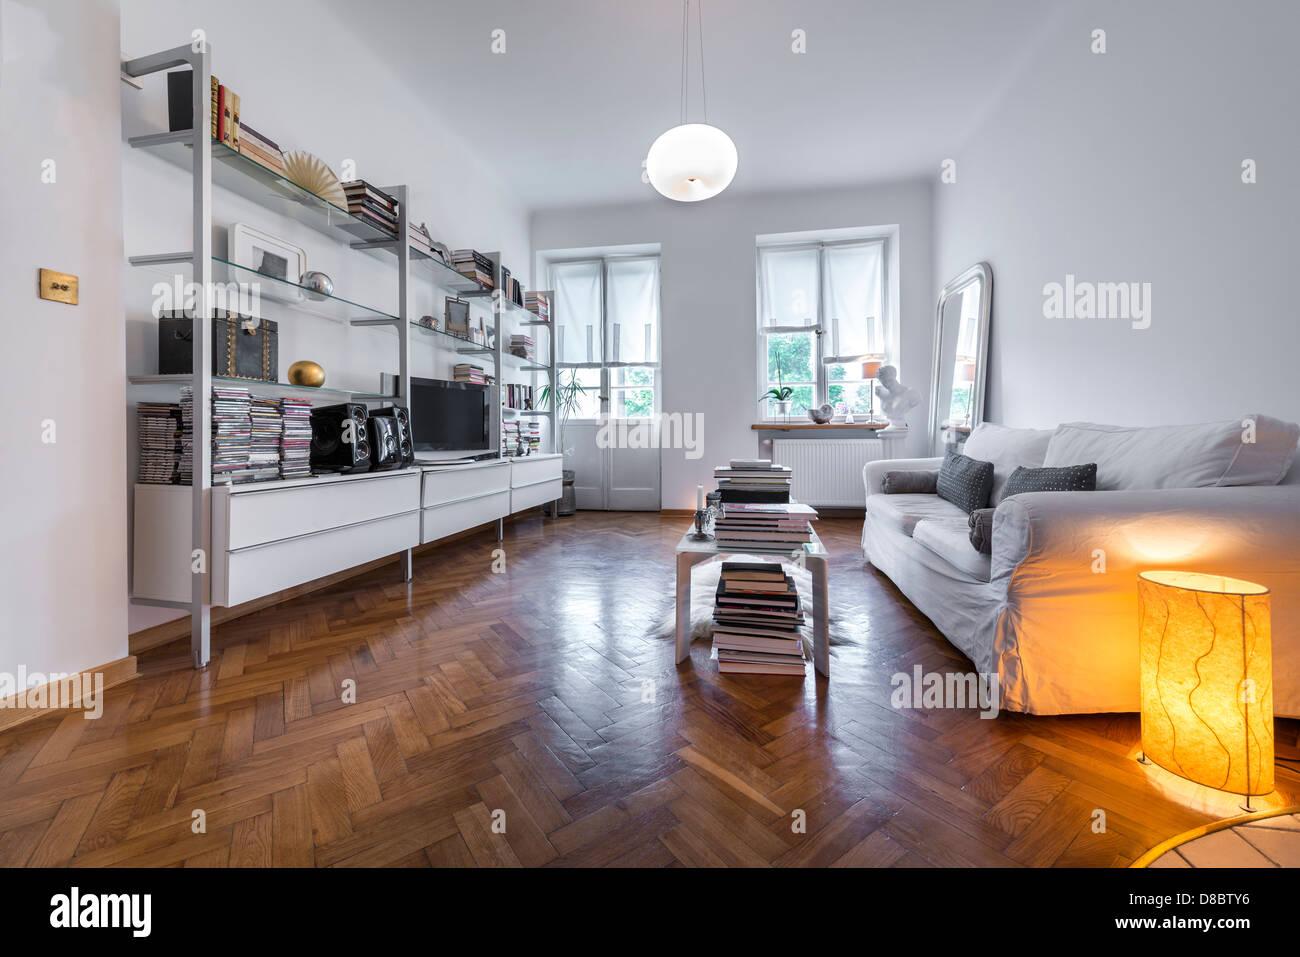 Classic Post Modern Interior Design In White Colors Stock ...